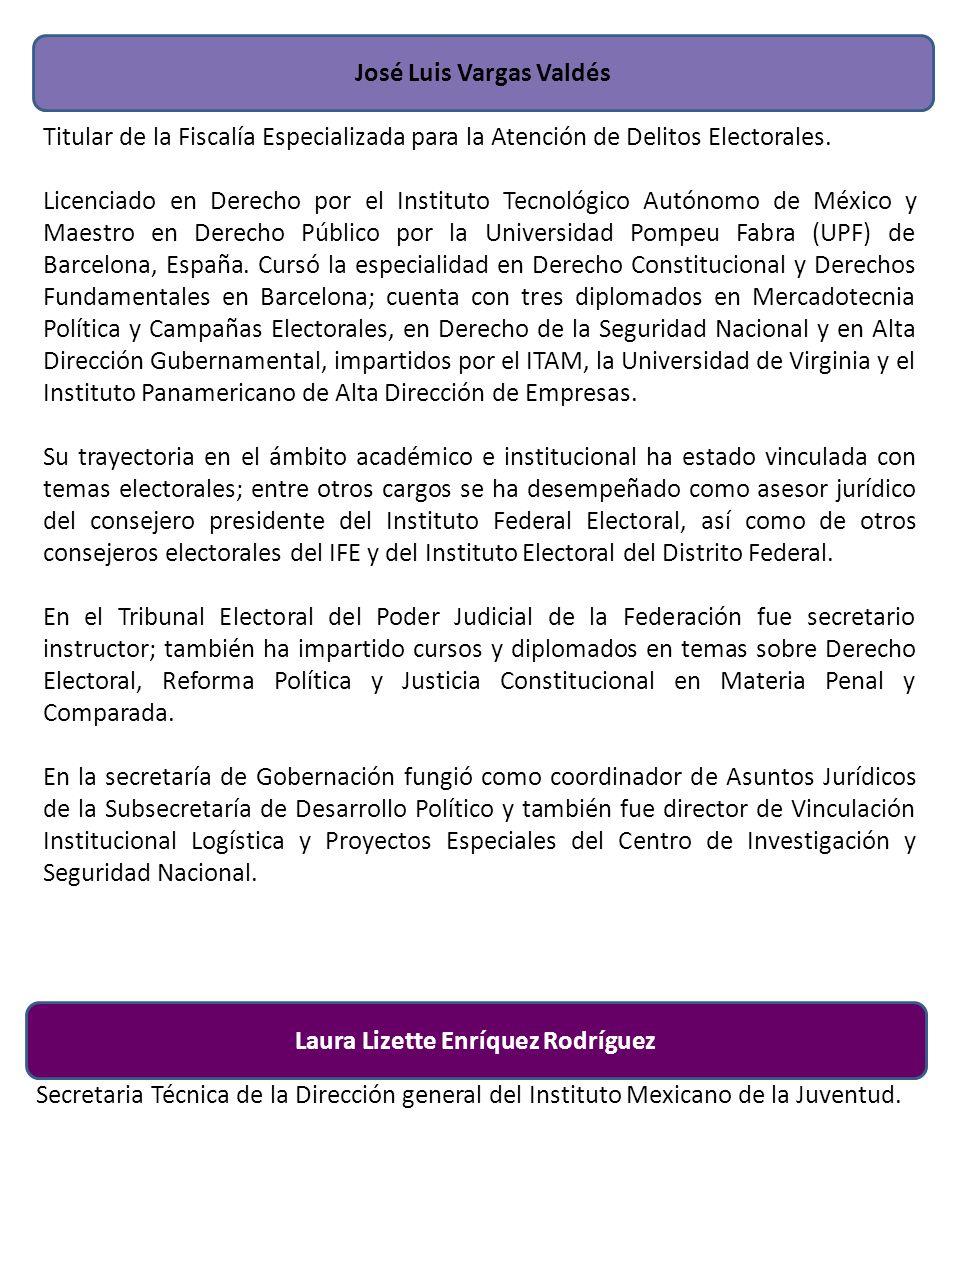 José Luis Vargas Valdés Titular de la Fiscalía Especializada para la Atención de Delitos Electorales. Licenciado en Derecho por el Instituto Tecnológi